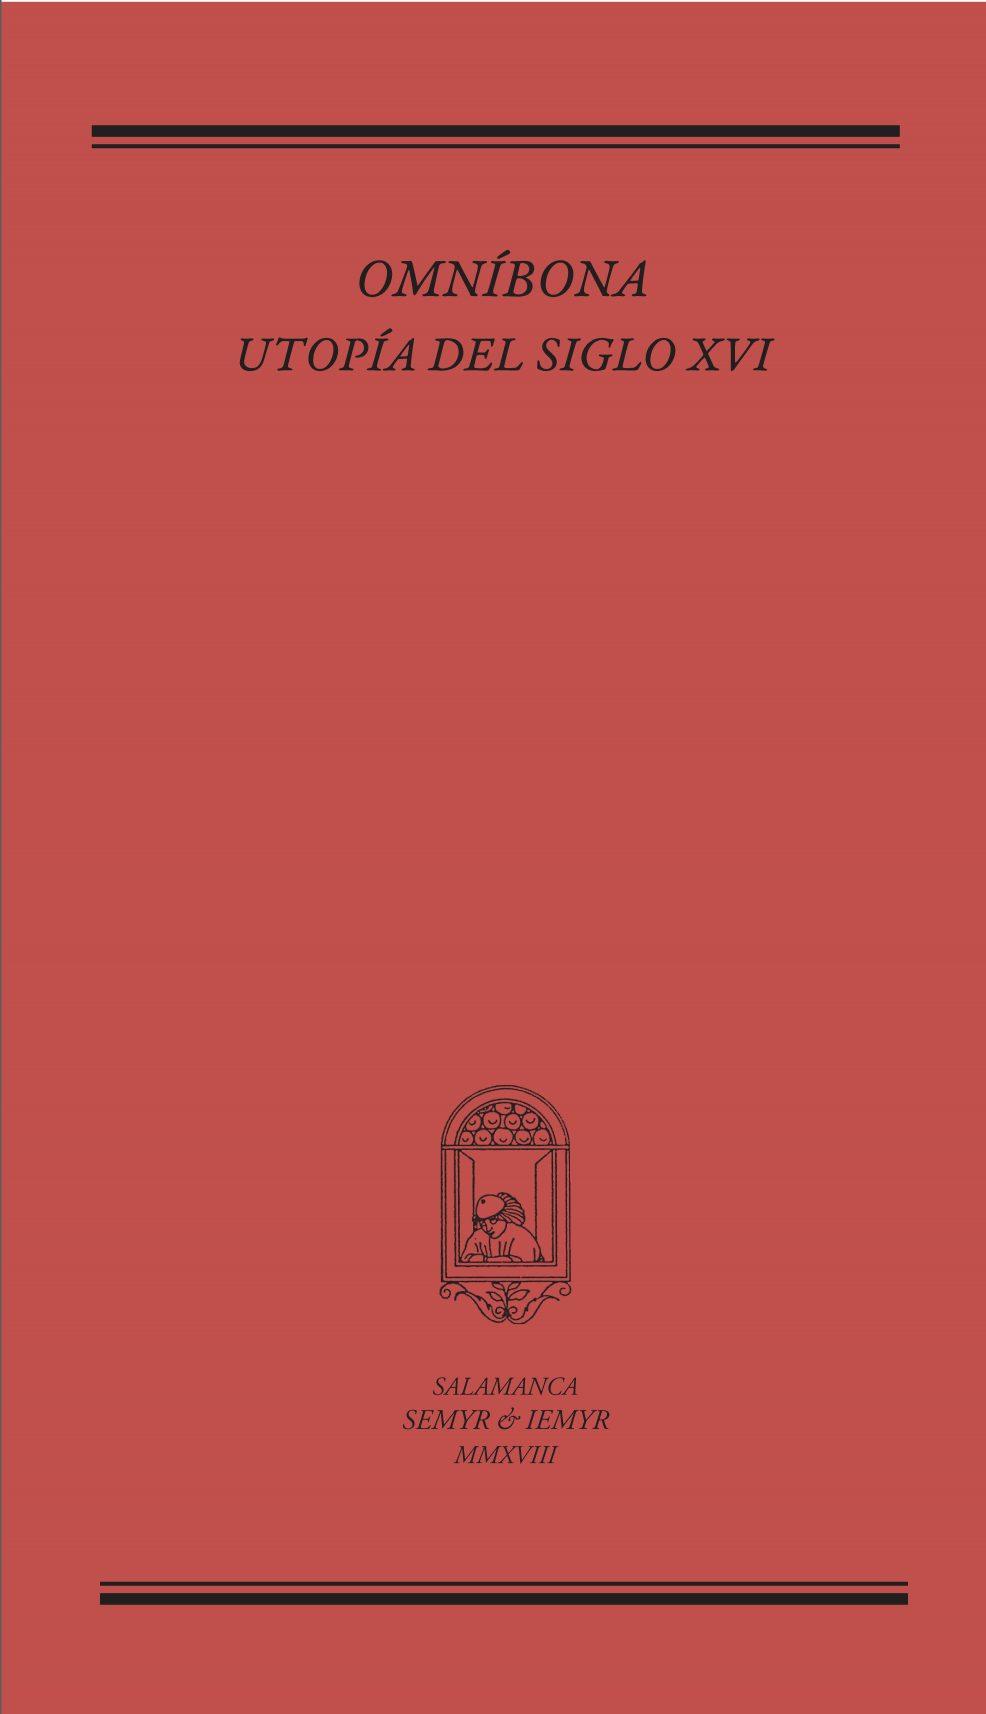 Omníbona. Utopía del siglo XVI (Ms. 9/2218 de la RAH)